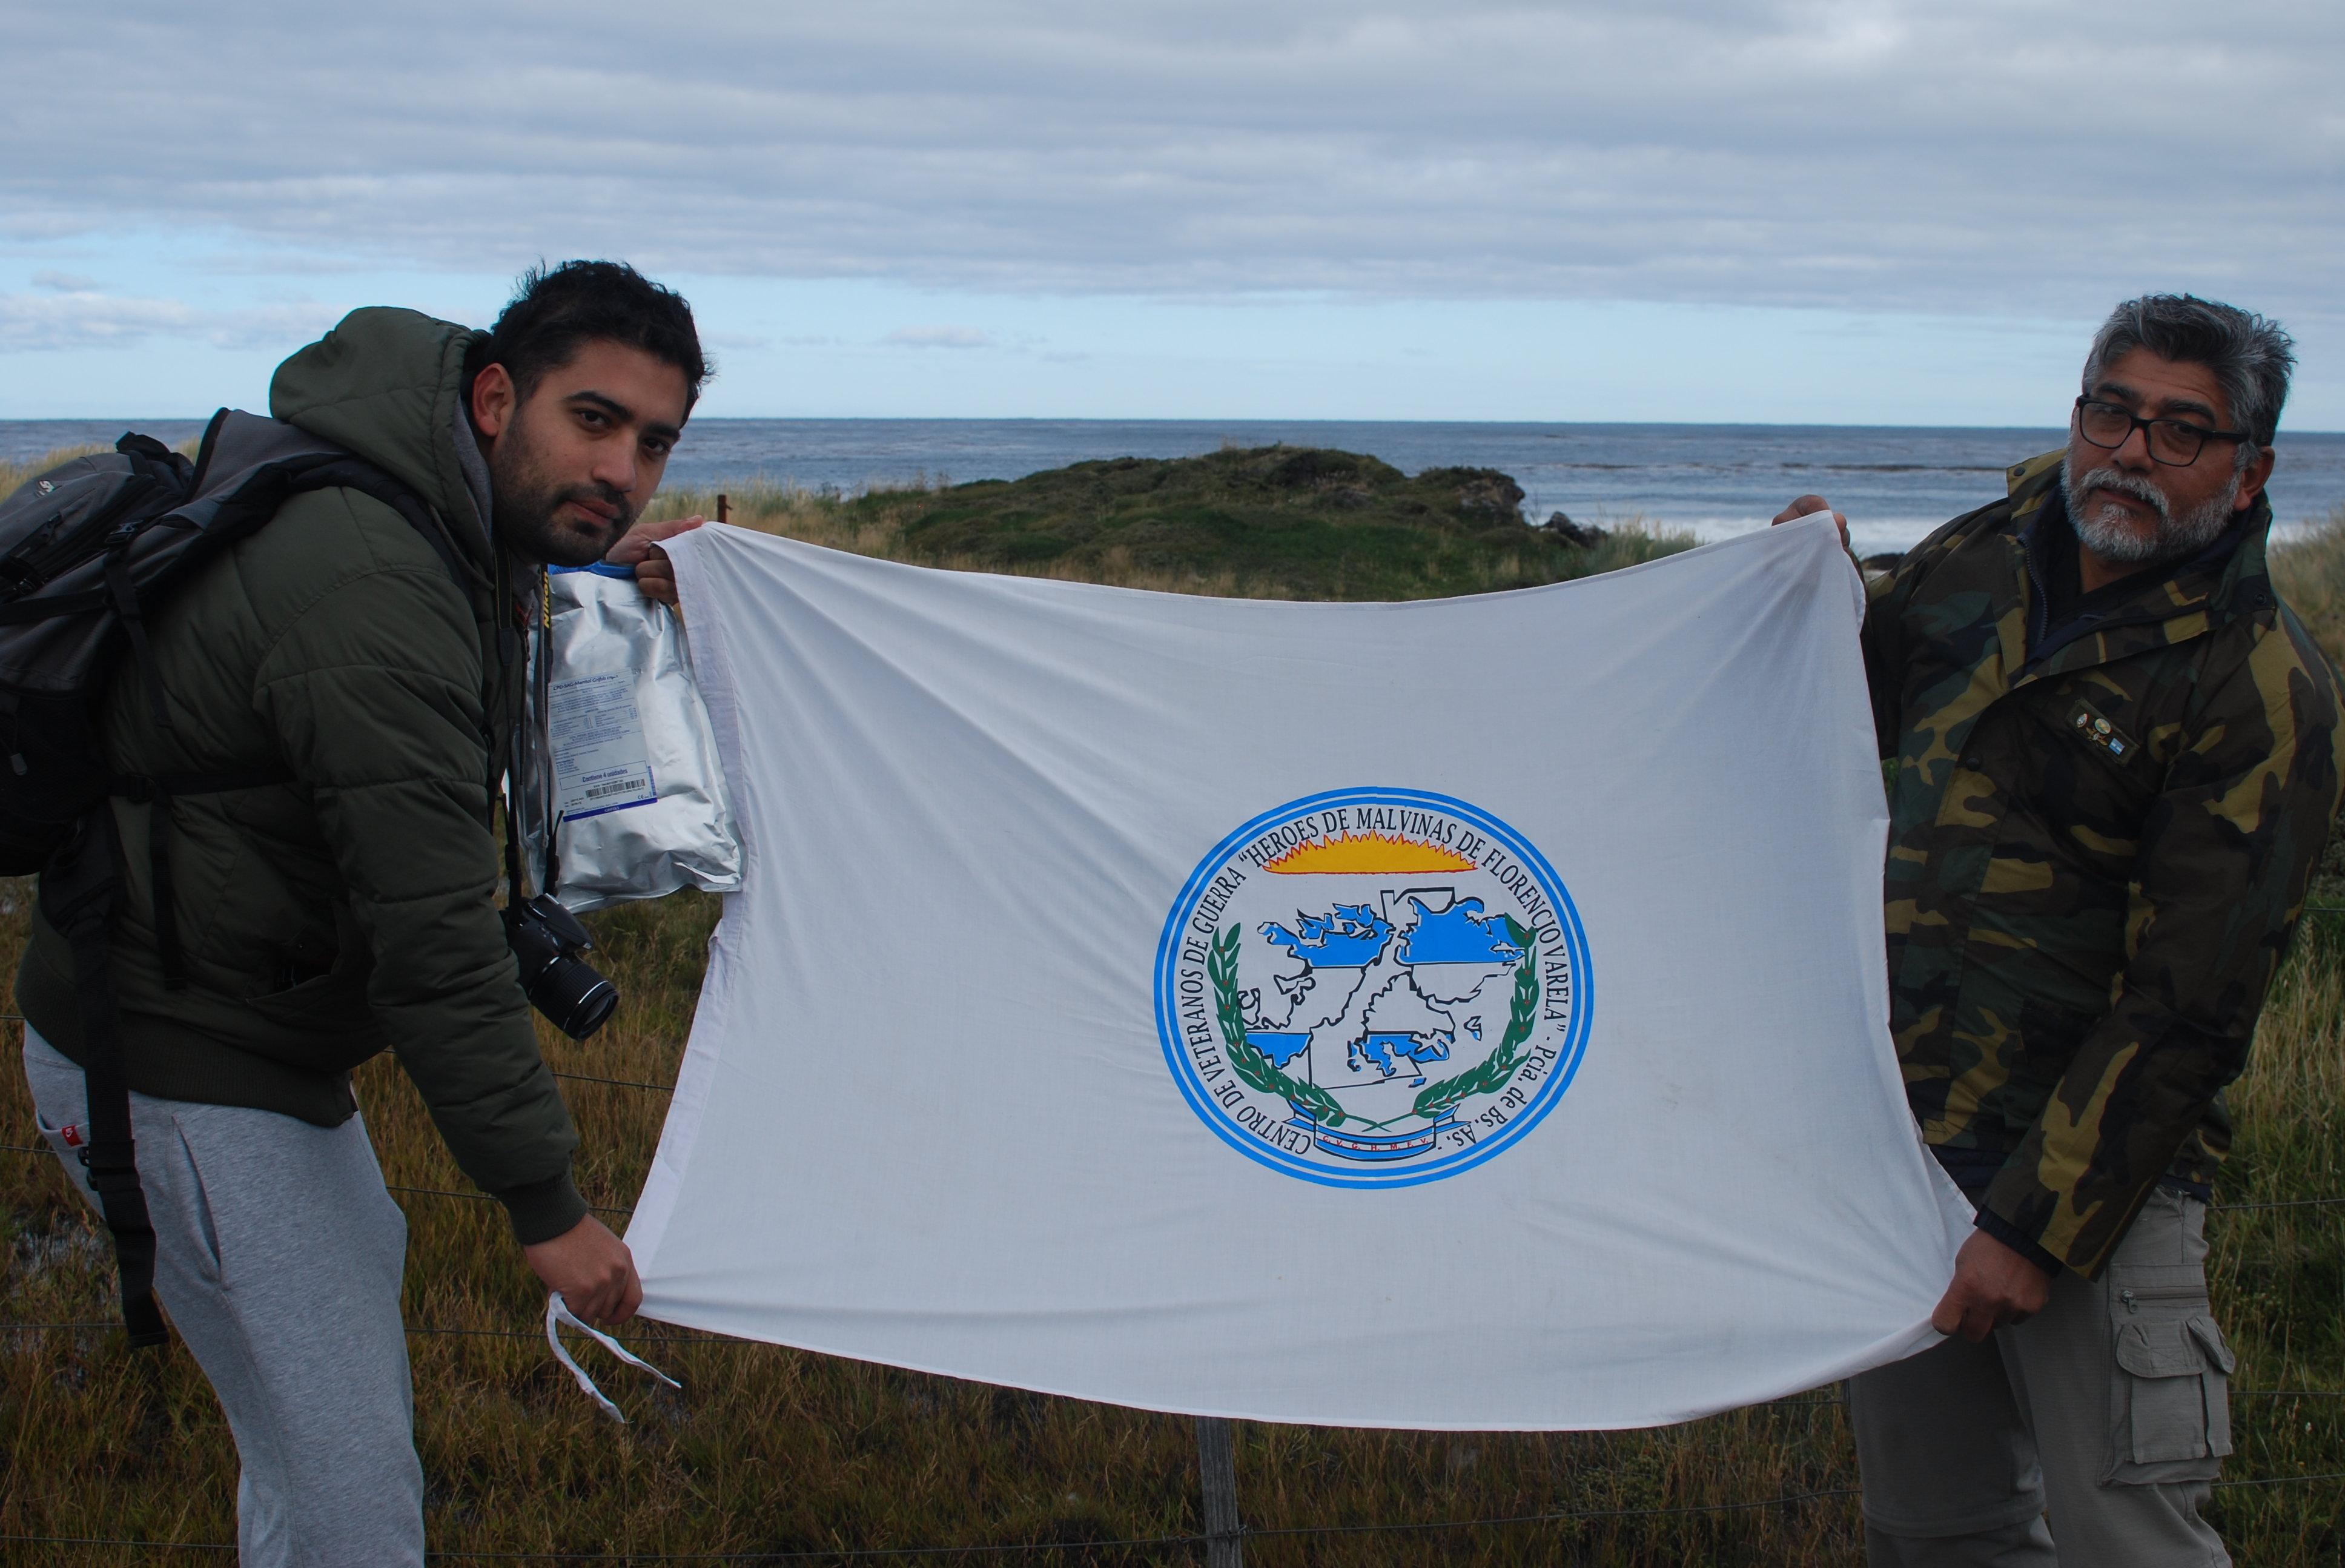 Ex-combatente da Guerra das Malvinas Armando González e seu filho Martín seguram a bandeira de um grupo de heróis do conflito na praia onde se defendeu o regimento